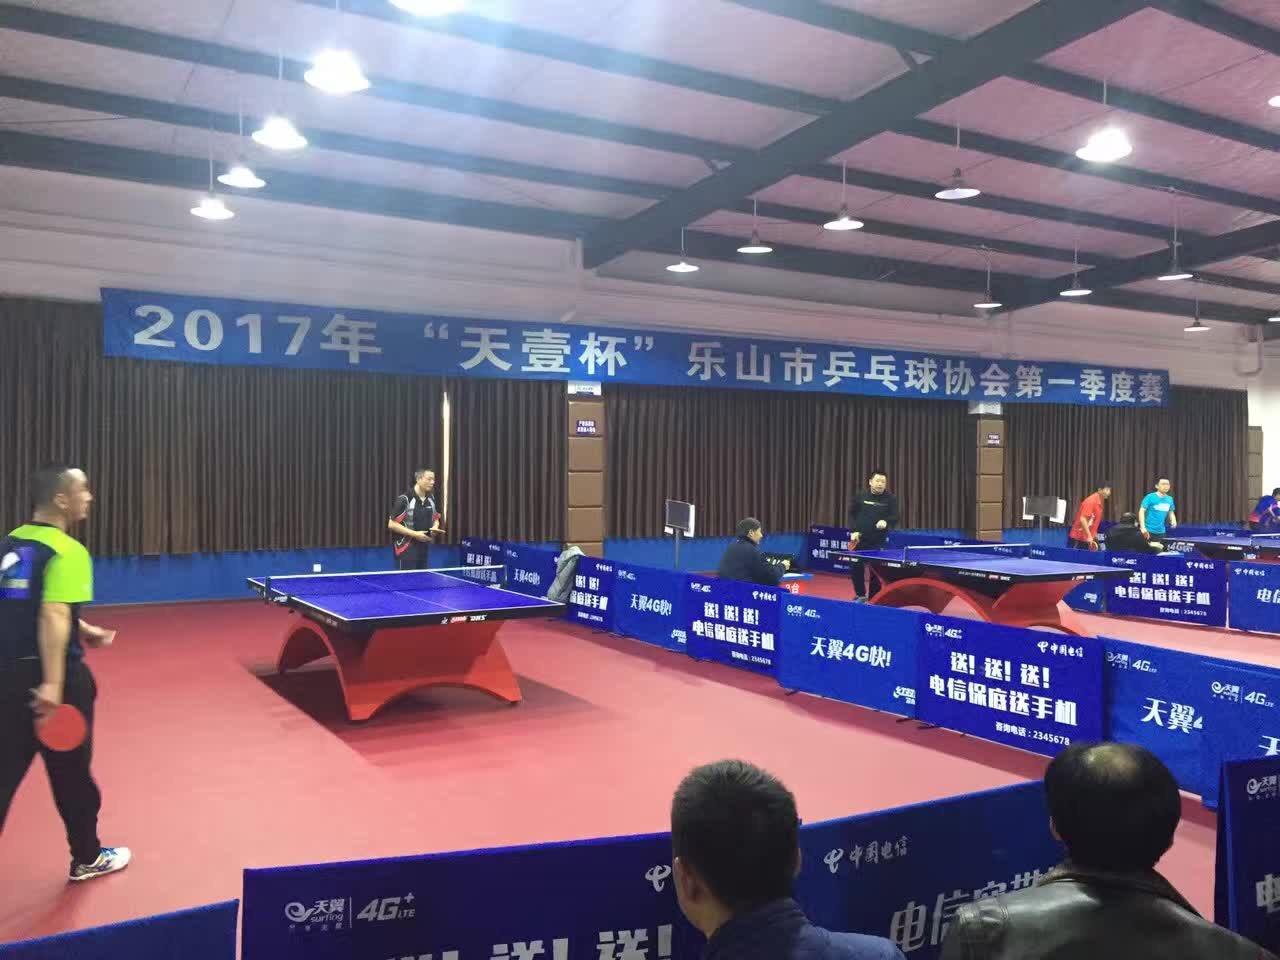 乒乓协会第一季度赛比赛现场